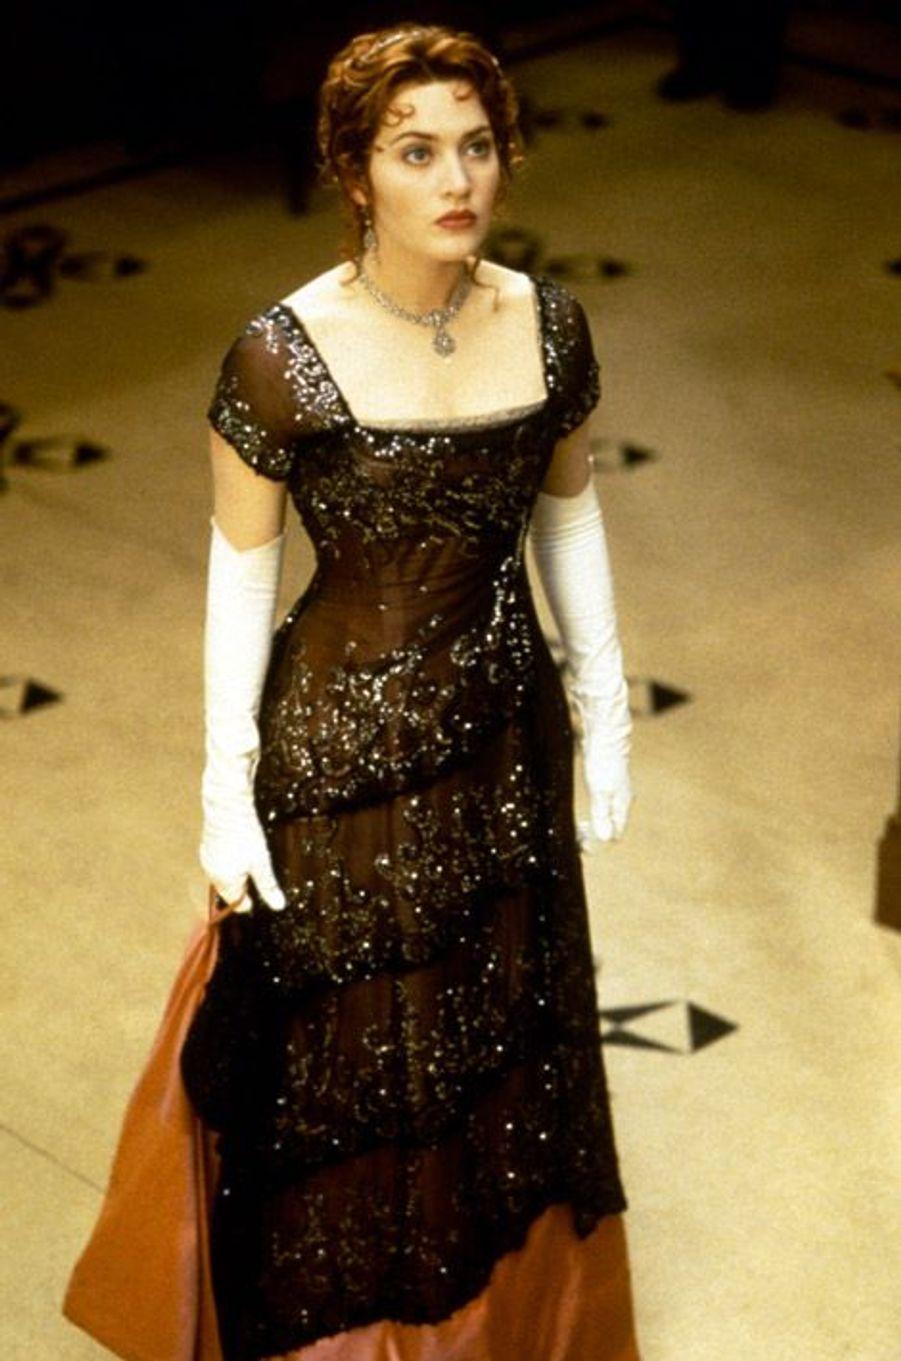 Kate Winslet dans son personnage de Rose dans le film Titanic, en 1997